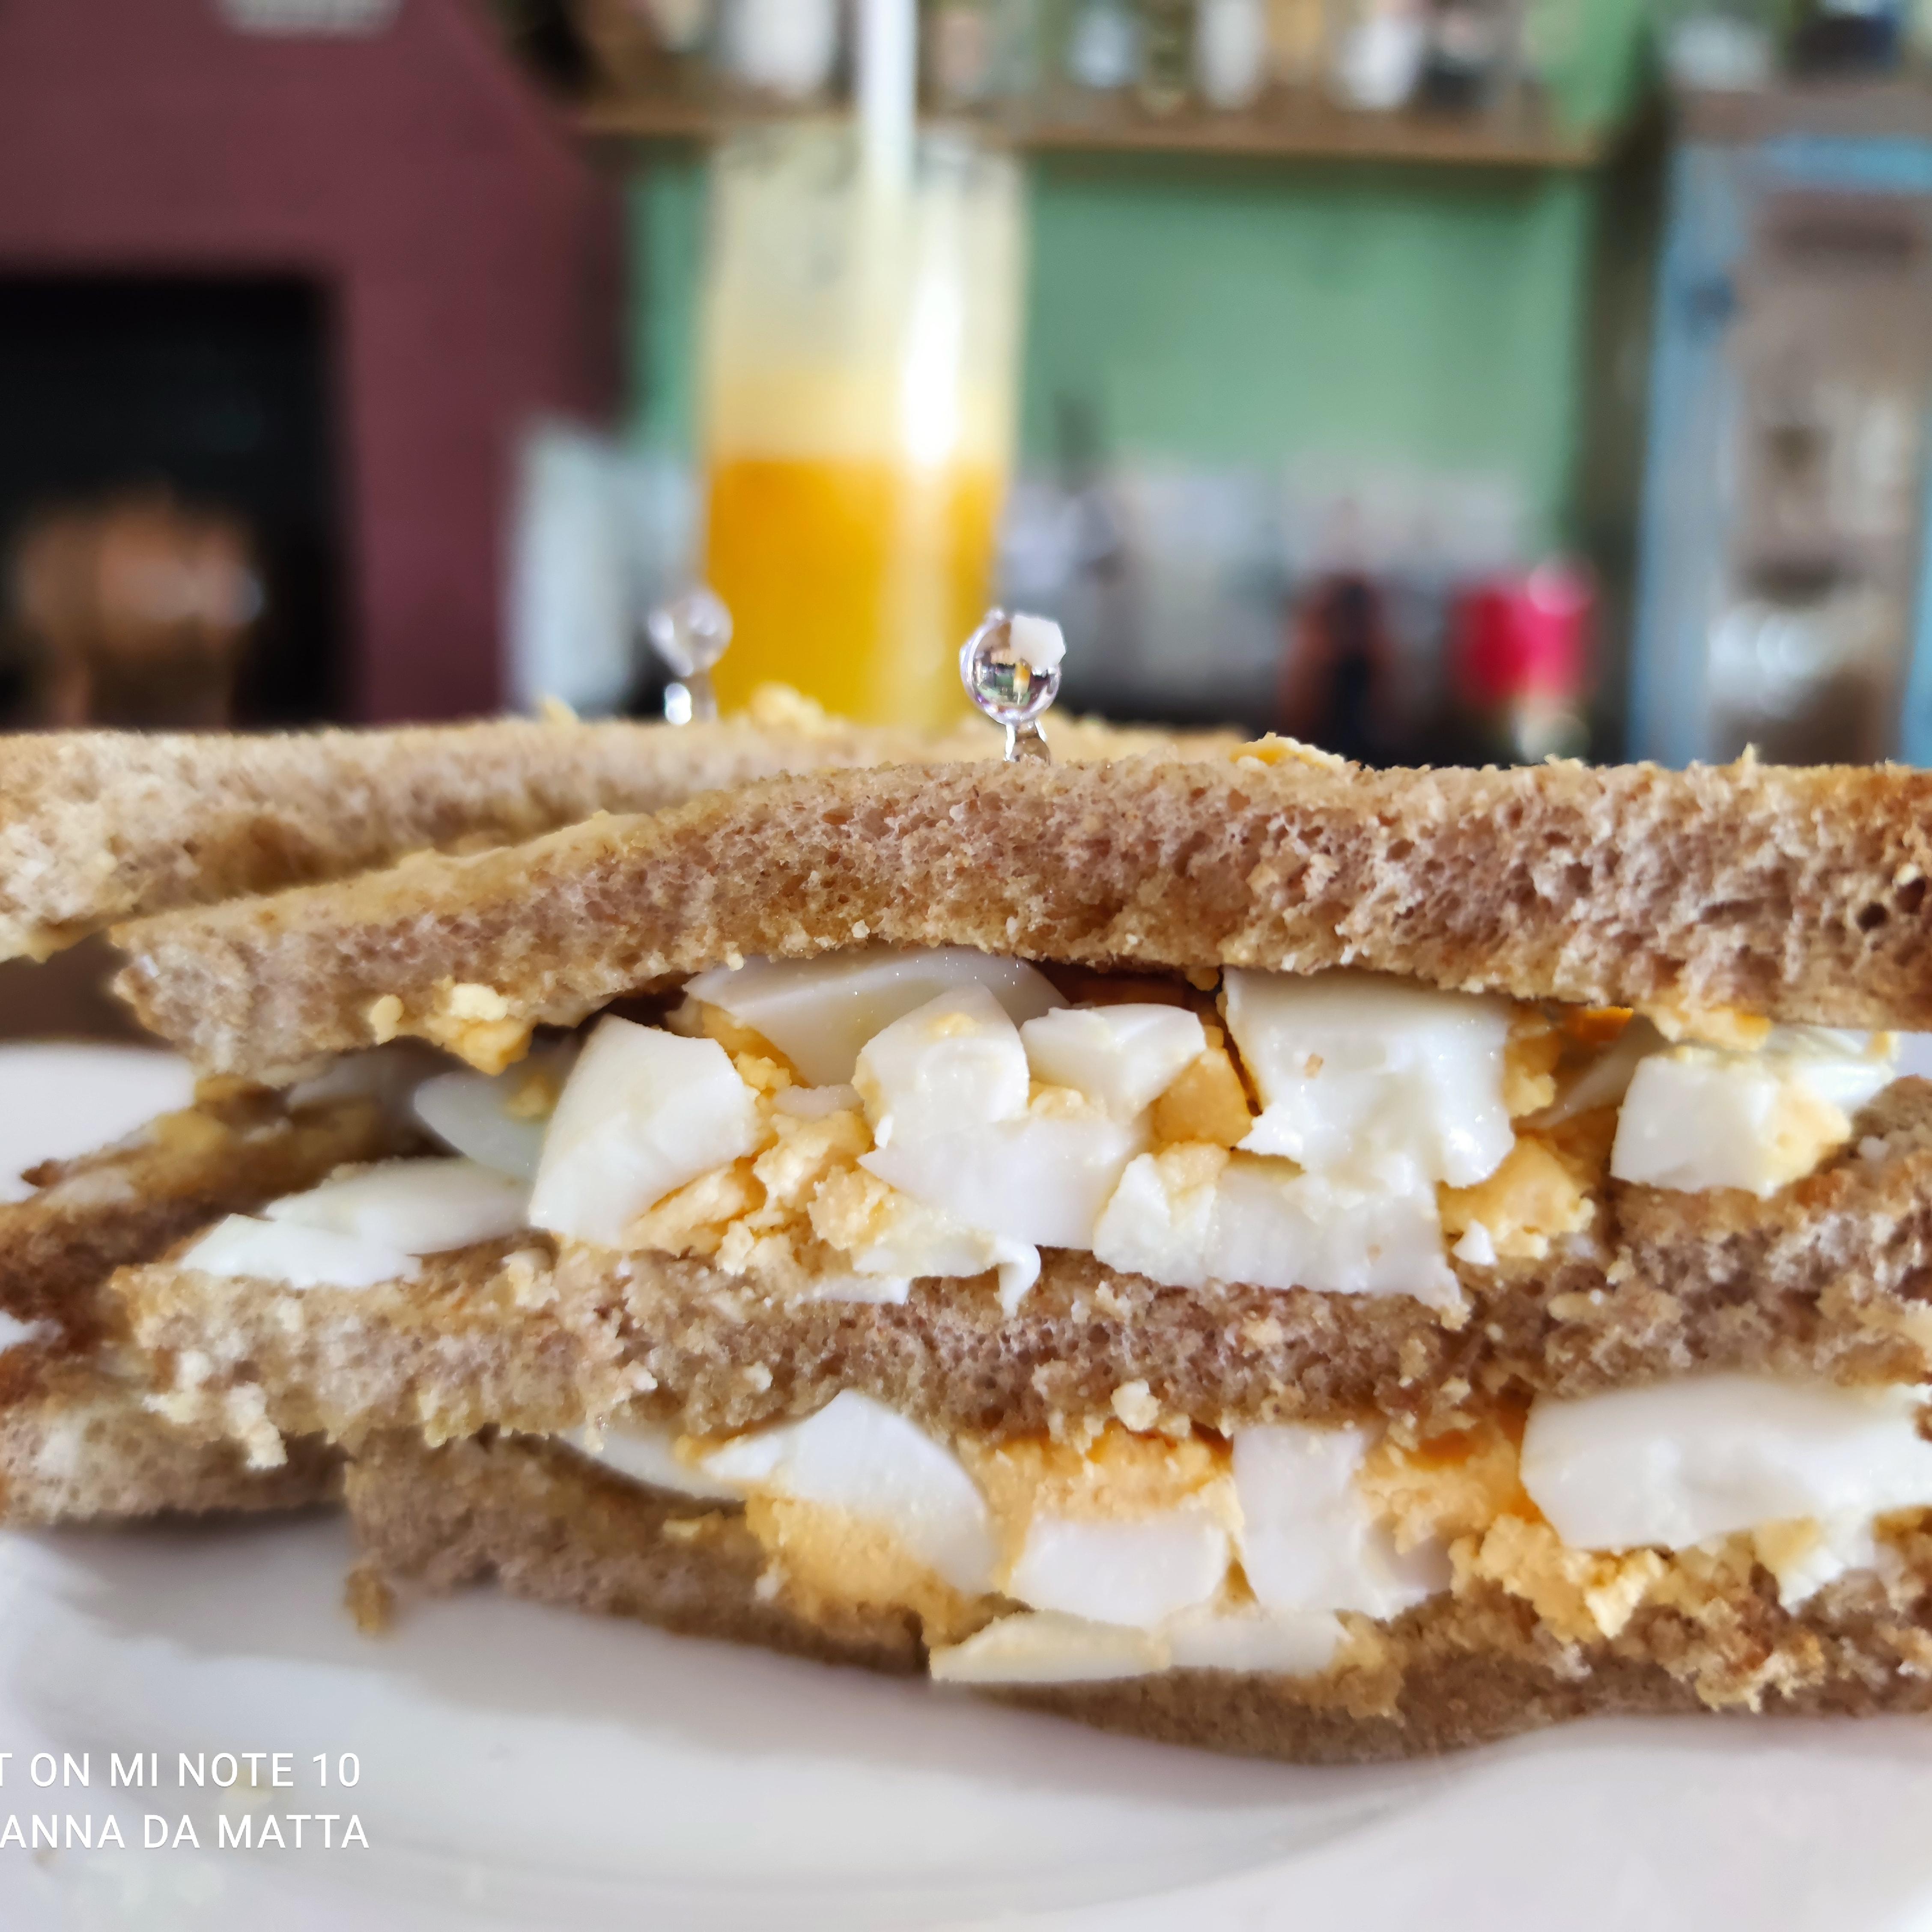 Azeite, ovos, pão integral 3 fatias.